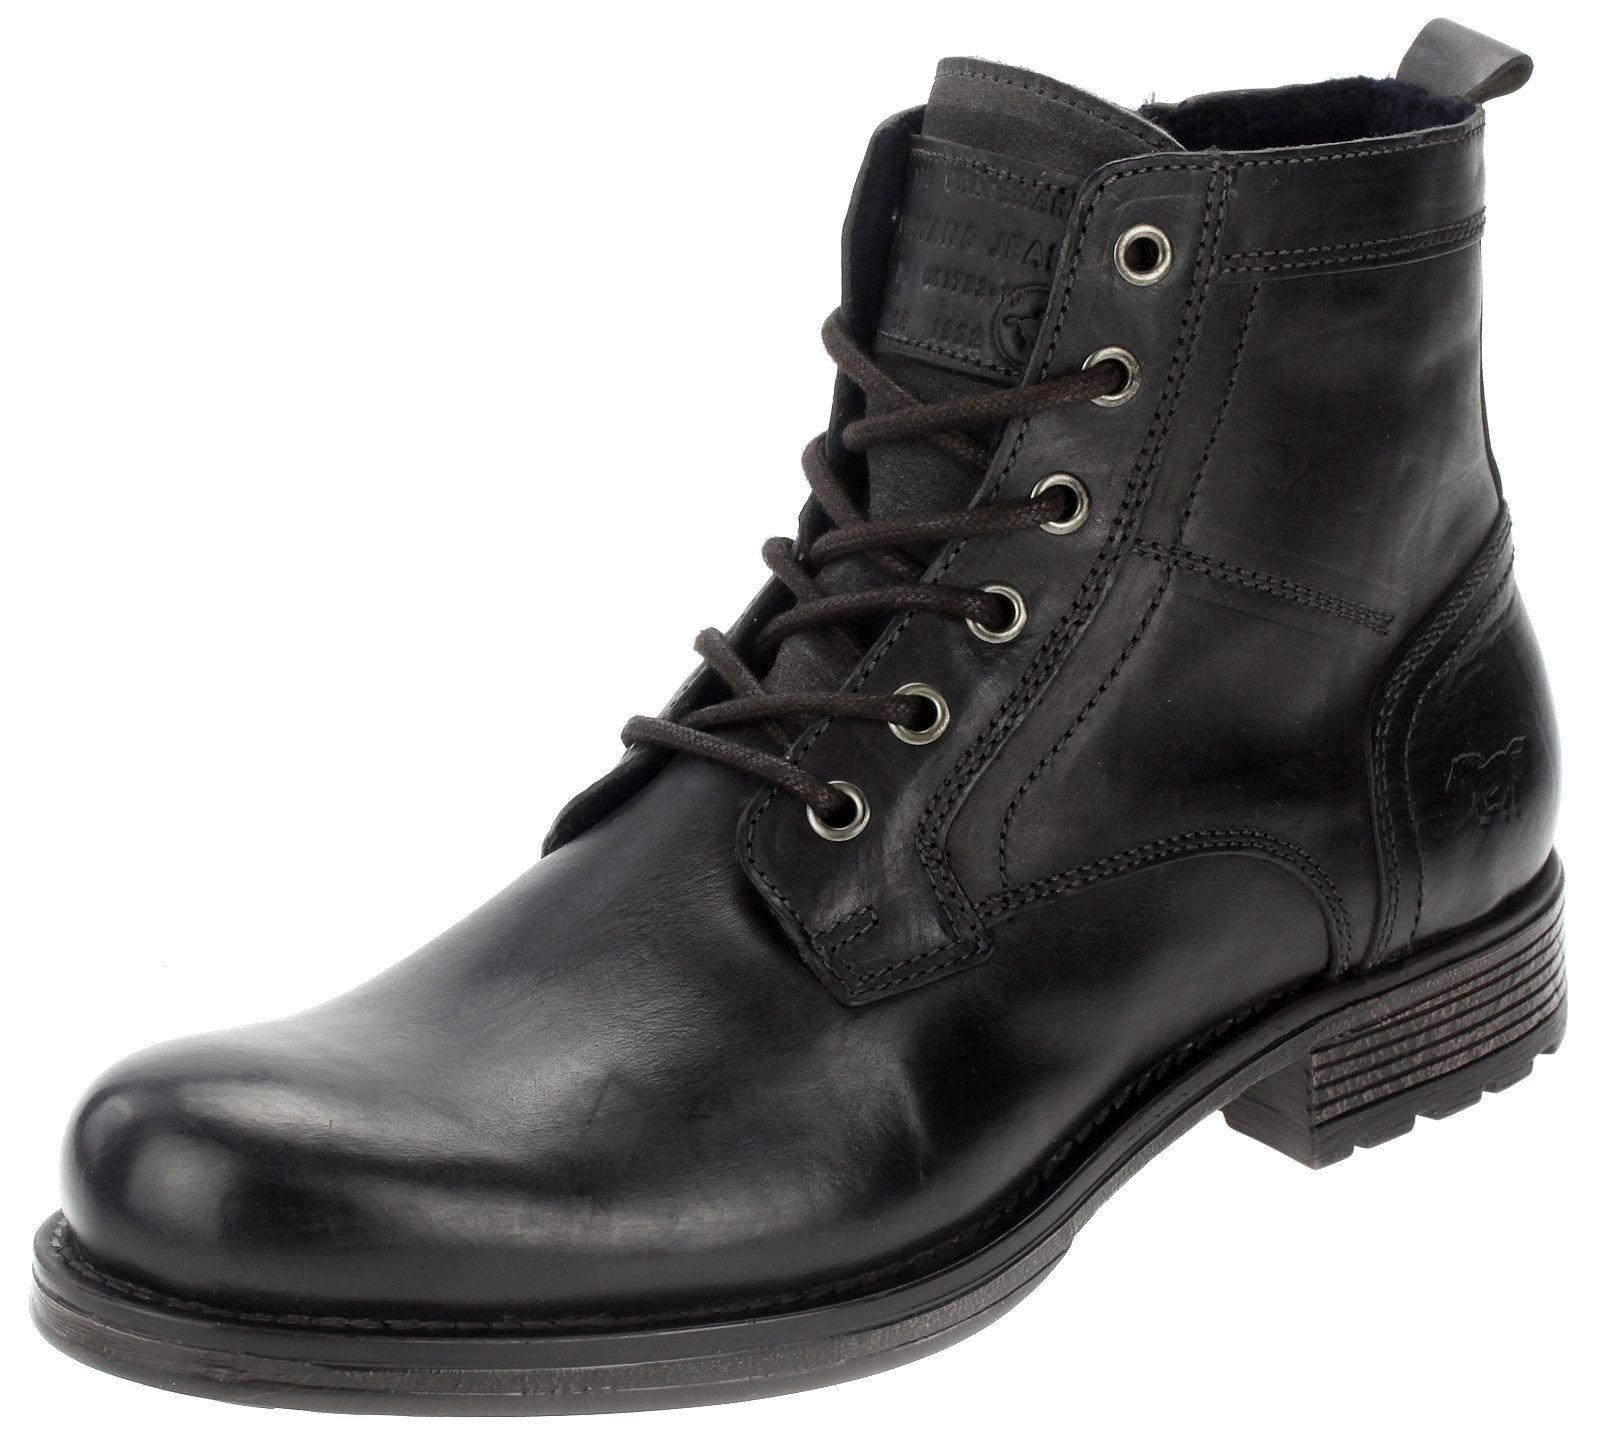 Details zu Mustang Herren Stiefel Boots Leder Männer Stiefelette 4865507 Anthrazit 43 44 45